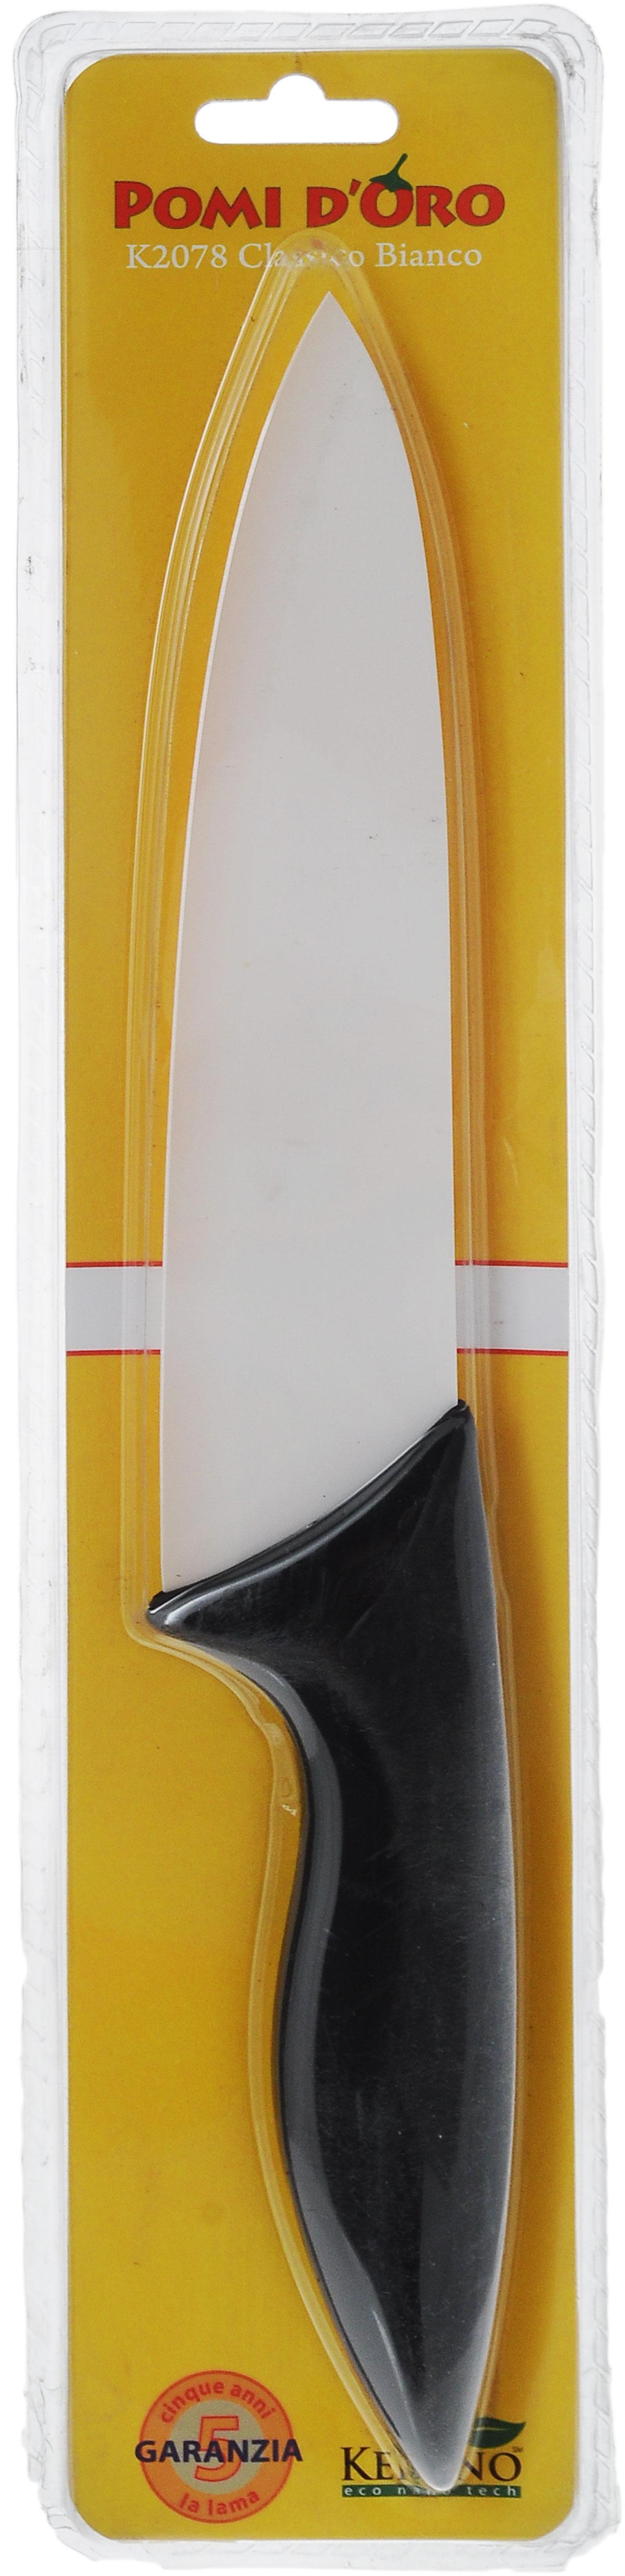 Нож поварской Pomi d'Oro Classico, керамический, длина лезвия 20 см77.858@20984 / K2078 (40) Classico BiancoНож Pomi dOro Classico изготовлен из белой керамики Kerano. Kerano - это уникальный керамический нано-материал, который не содержит вредные примеси, в том числе перфоктановую кислоту (PTFE) и примеси, используемые для легированной стали. Материал изделия не вступает в реакцию с пищей во время готовки. Изделие имеет эргономичную обрезиненную ручку, которая не скользит в руках и делает резку удобной и безопасной. Можно мыть в посудомоечной машине. Длина ножа: 32,5 см.